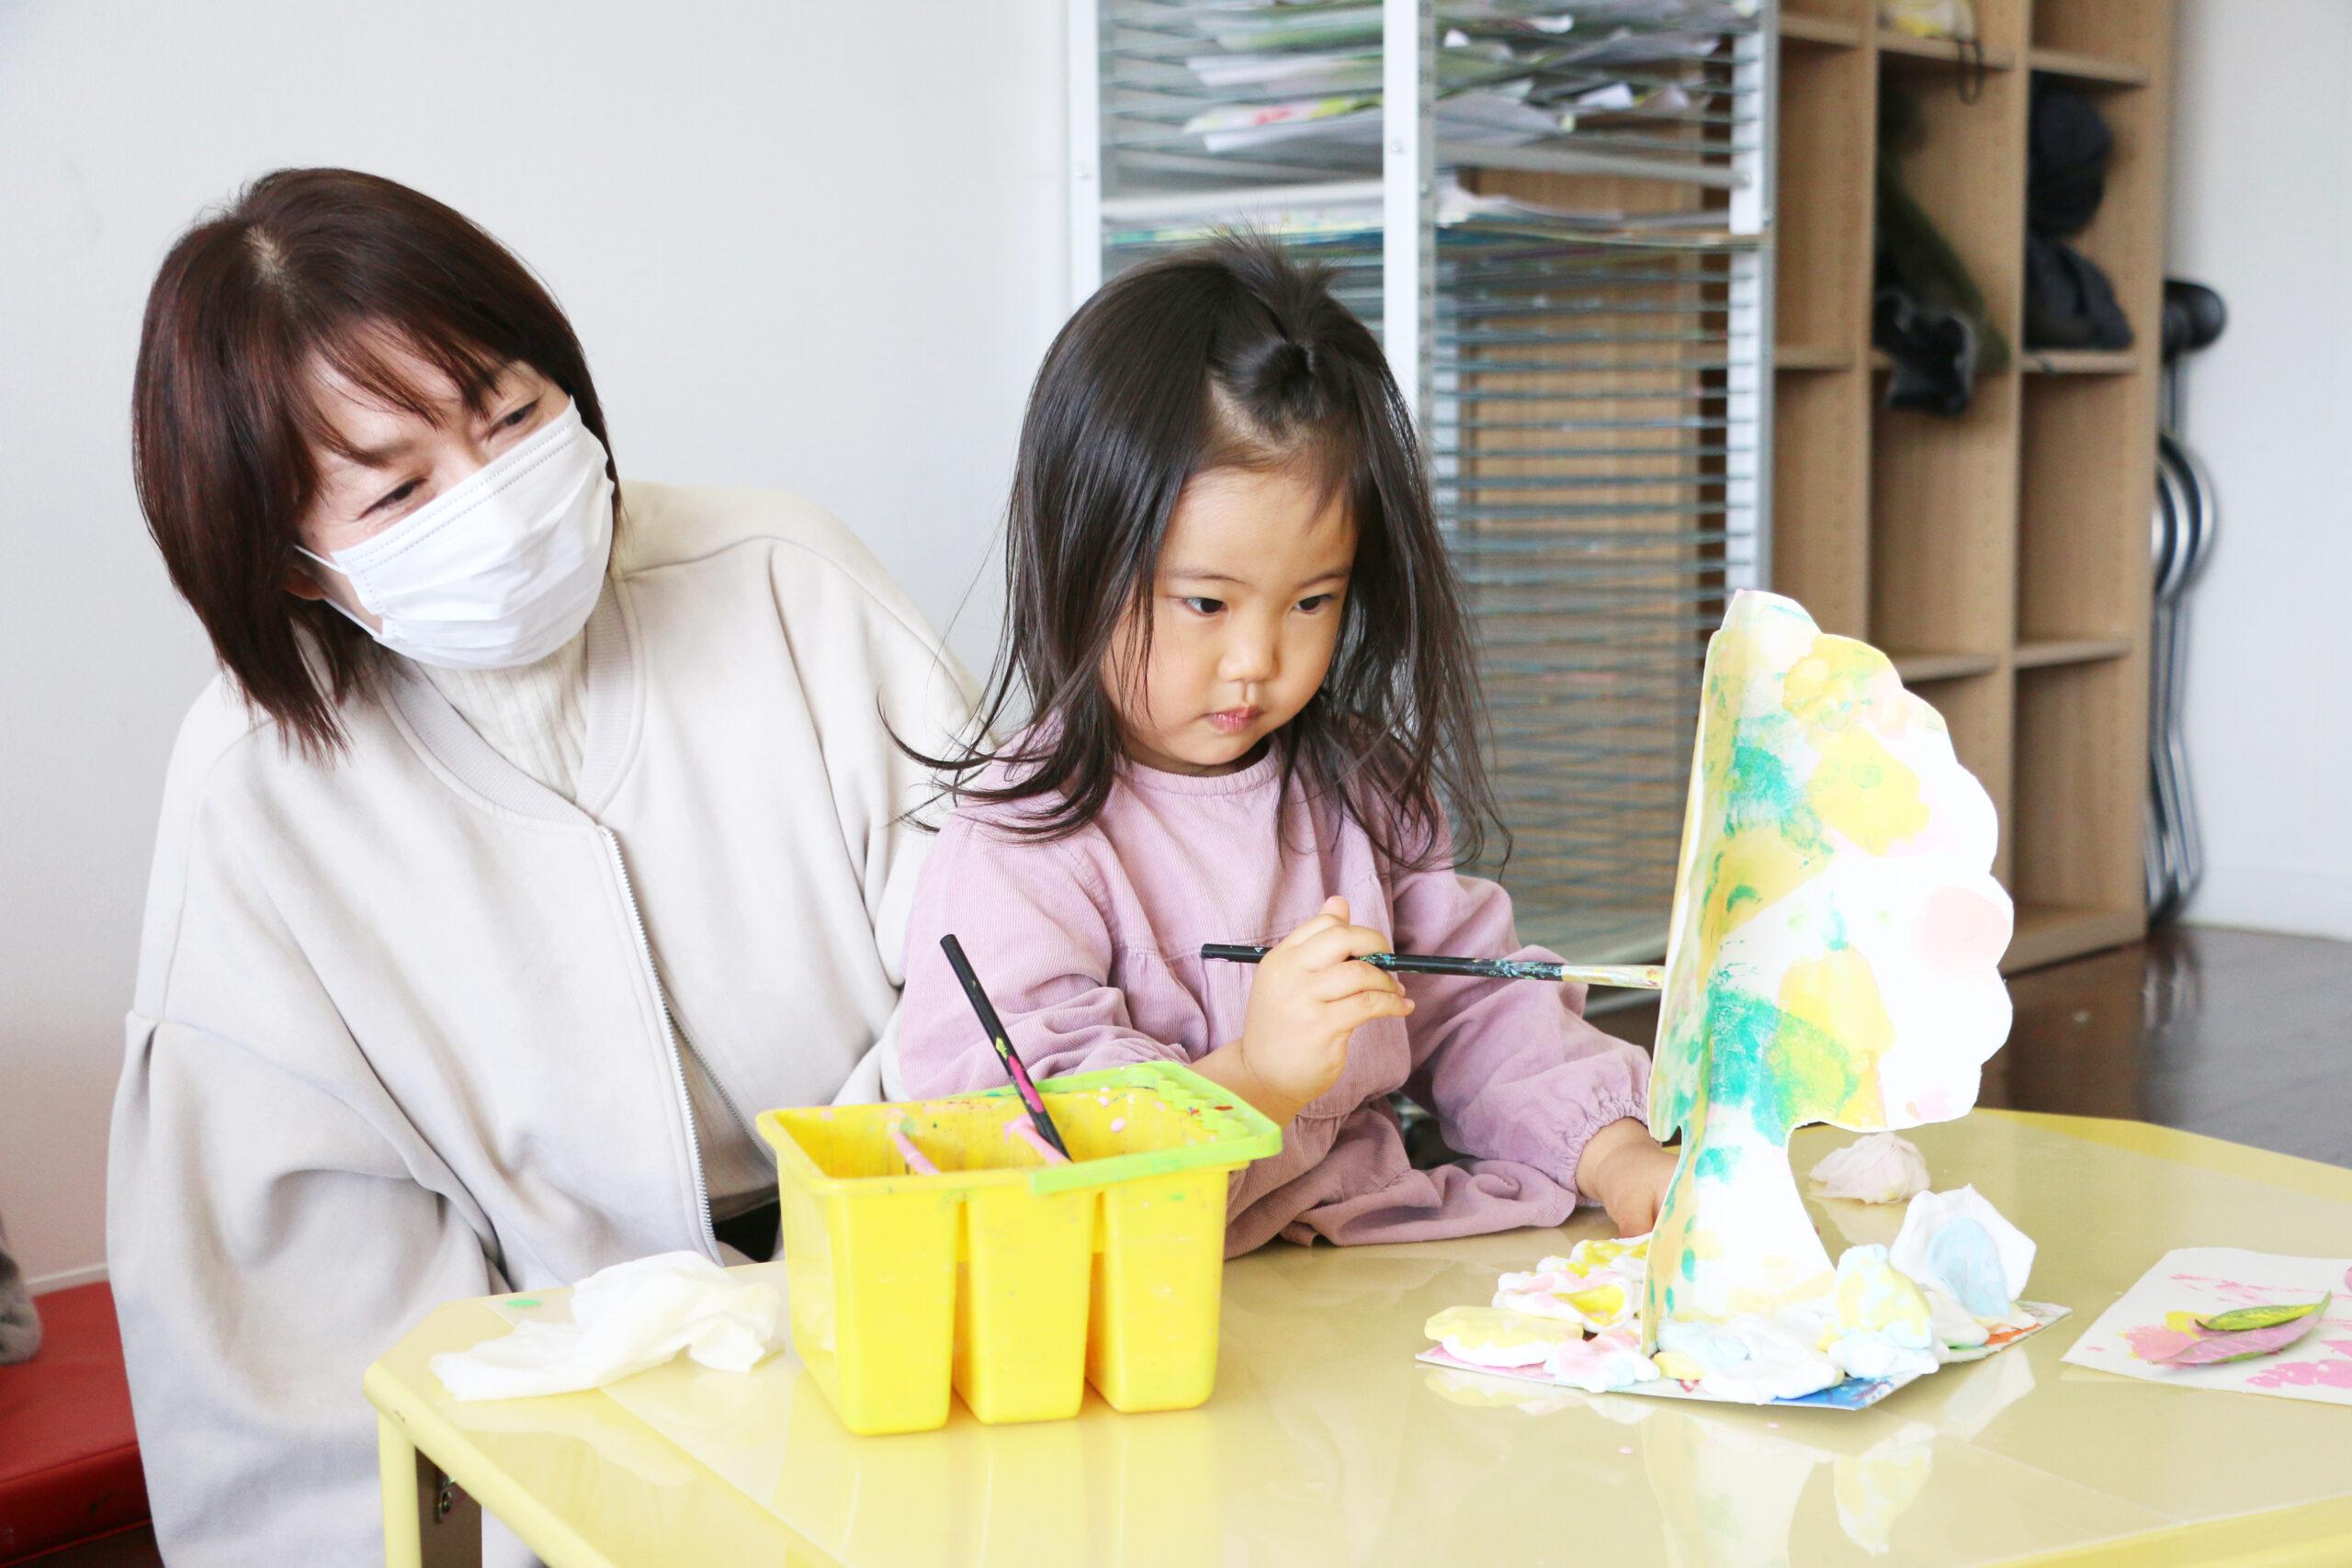 造形親子クラス クリエイティブモード♪ イメージ画像